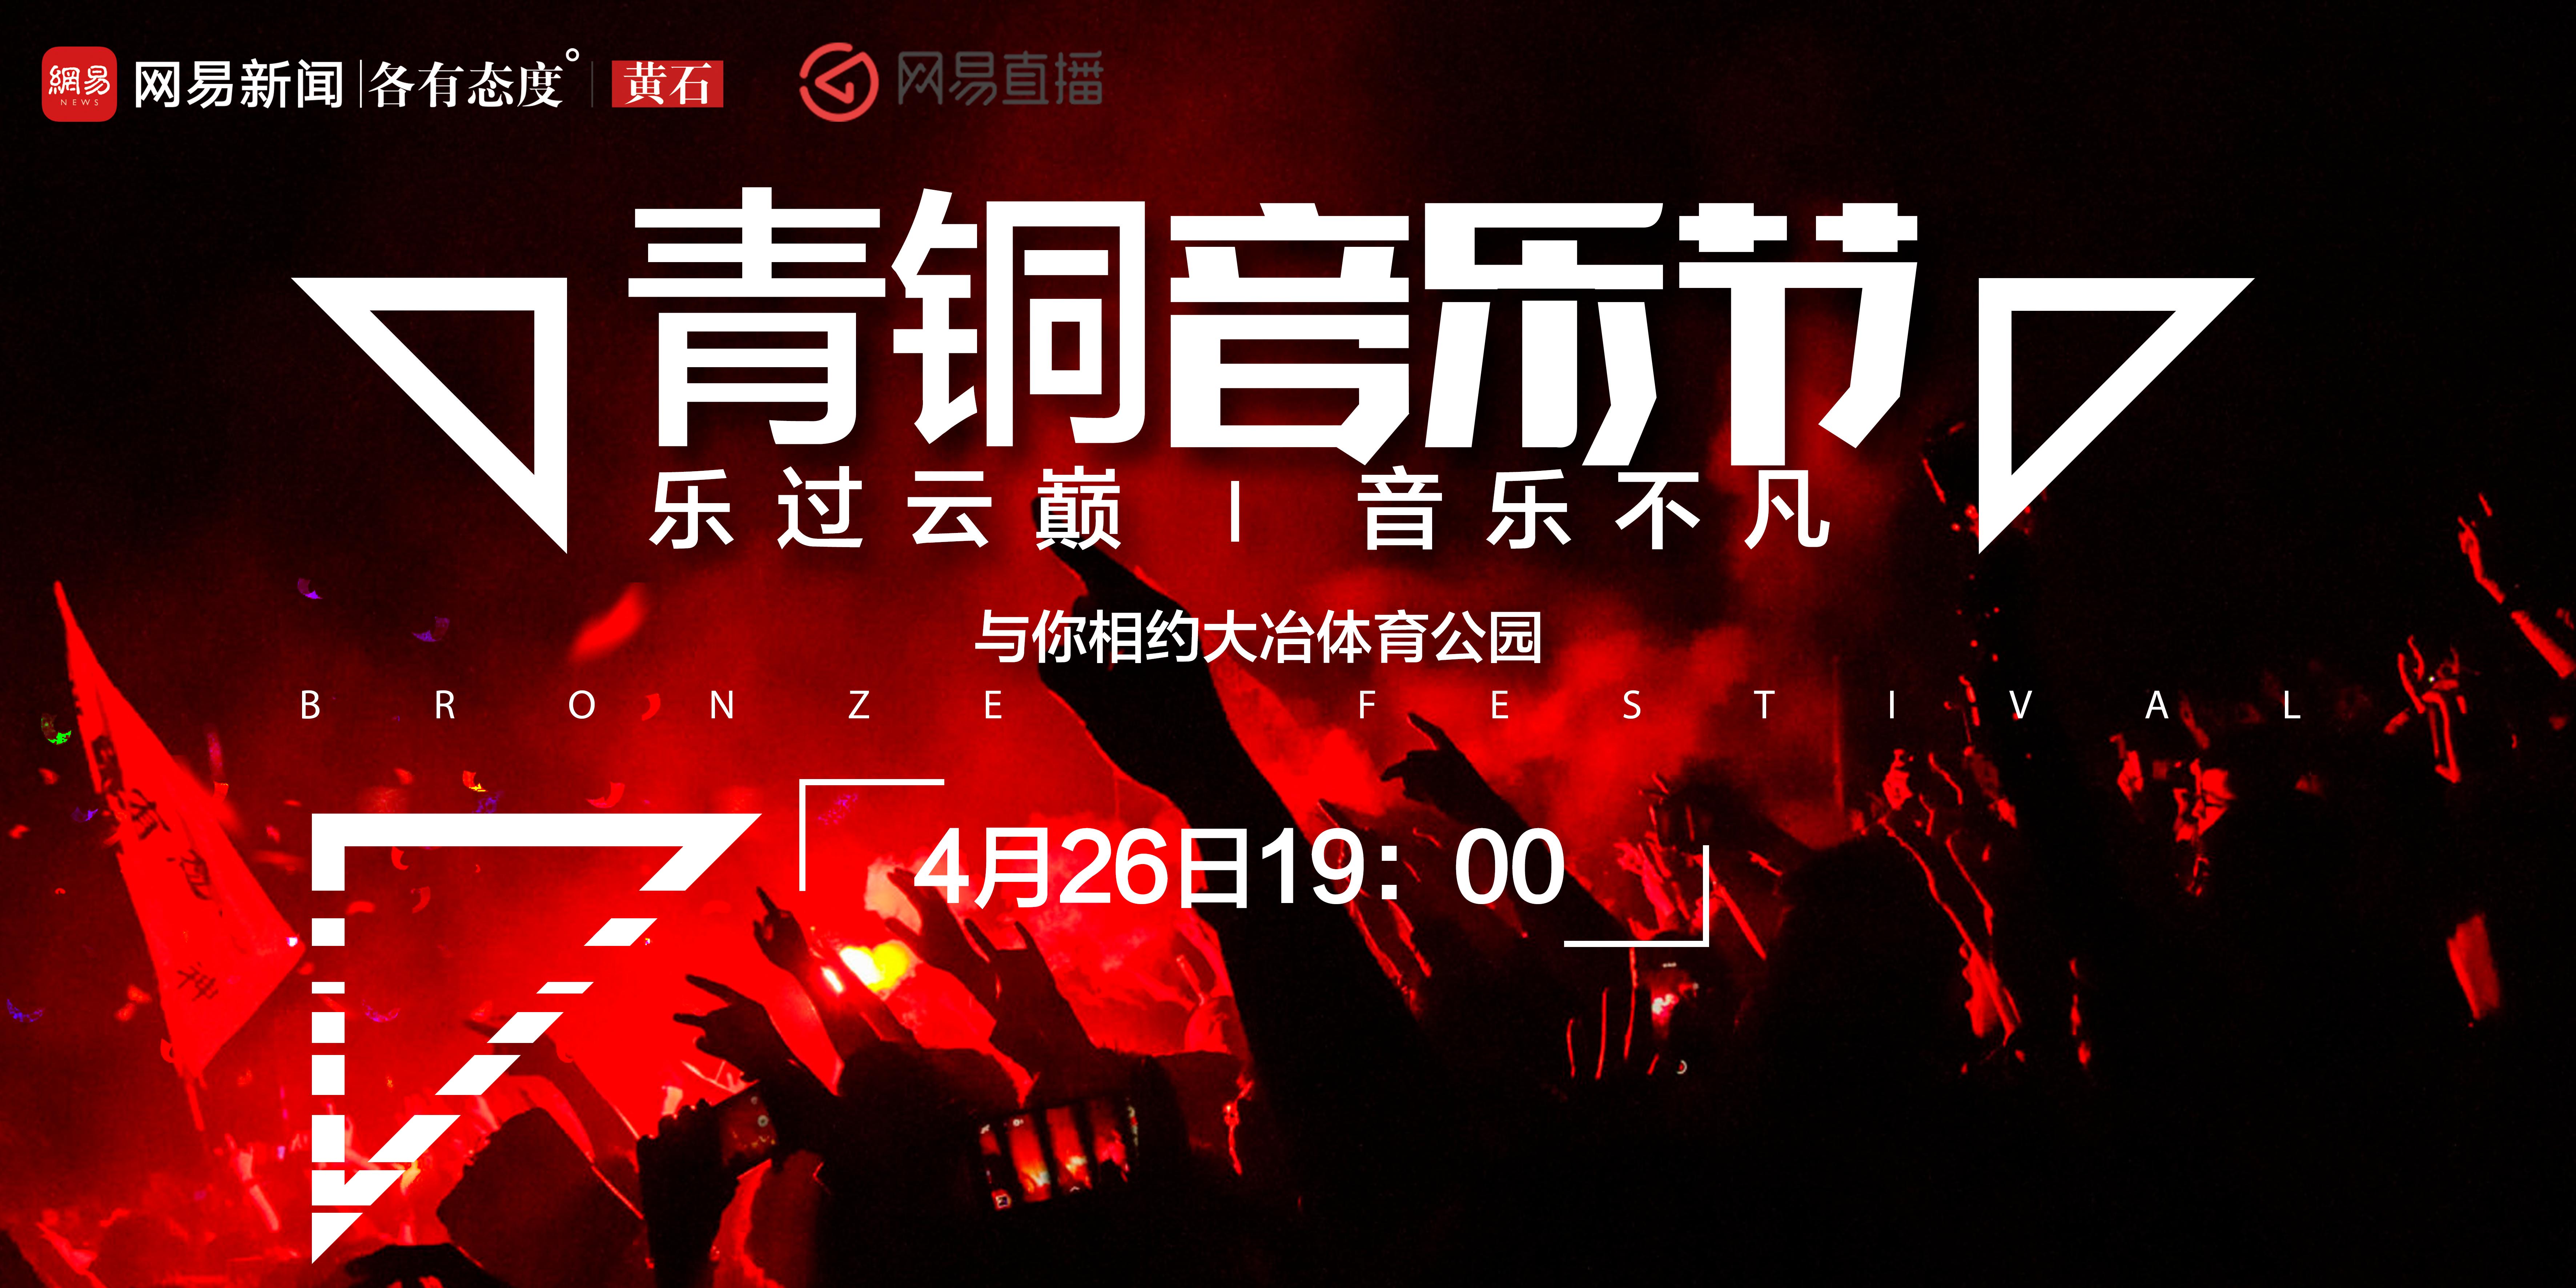 音乐盛宴:大冶市第五届青铜音乐节